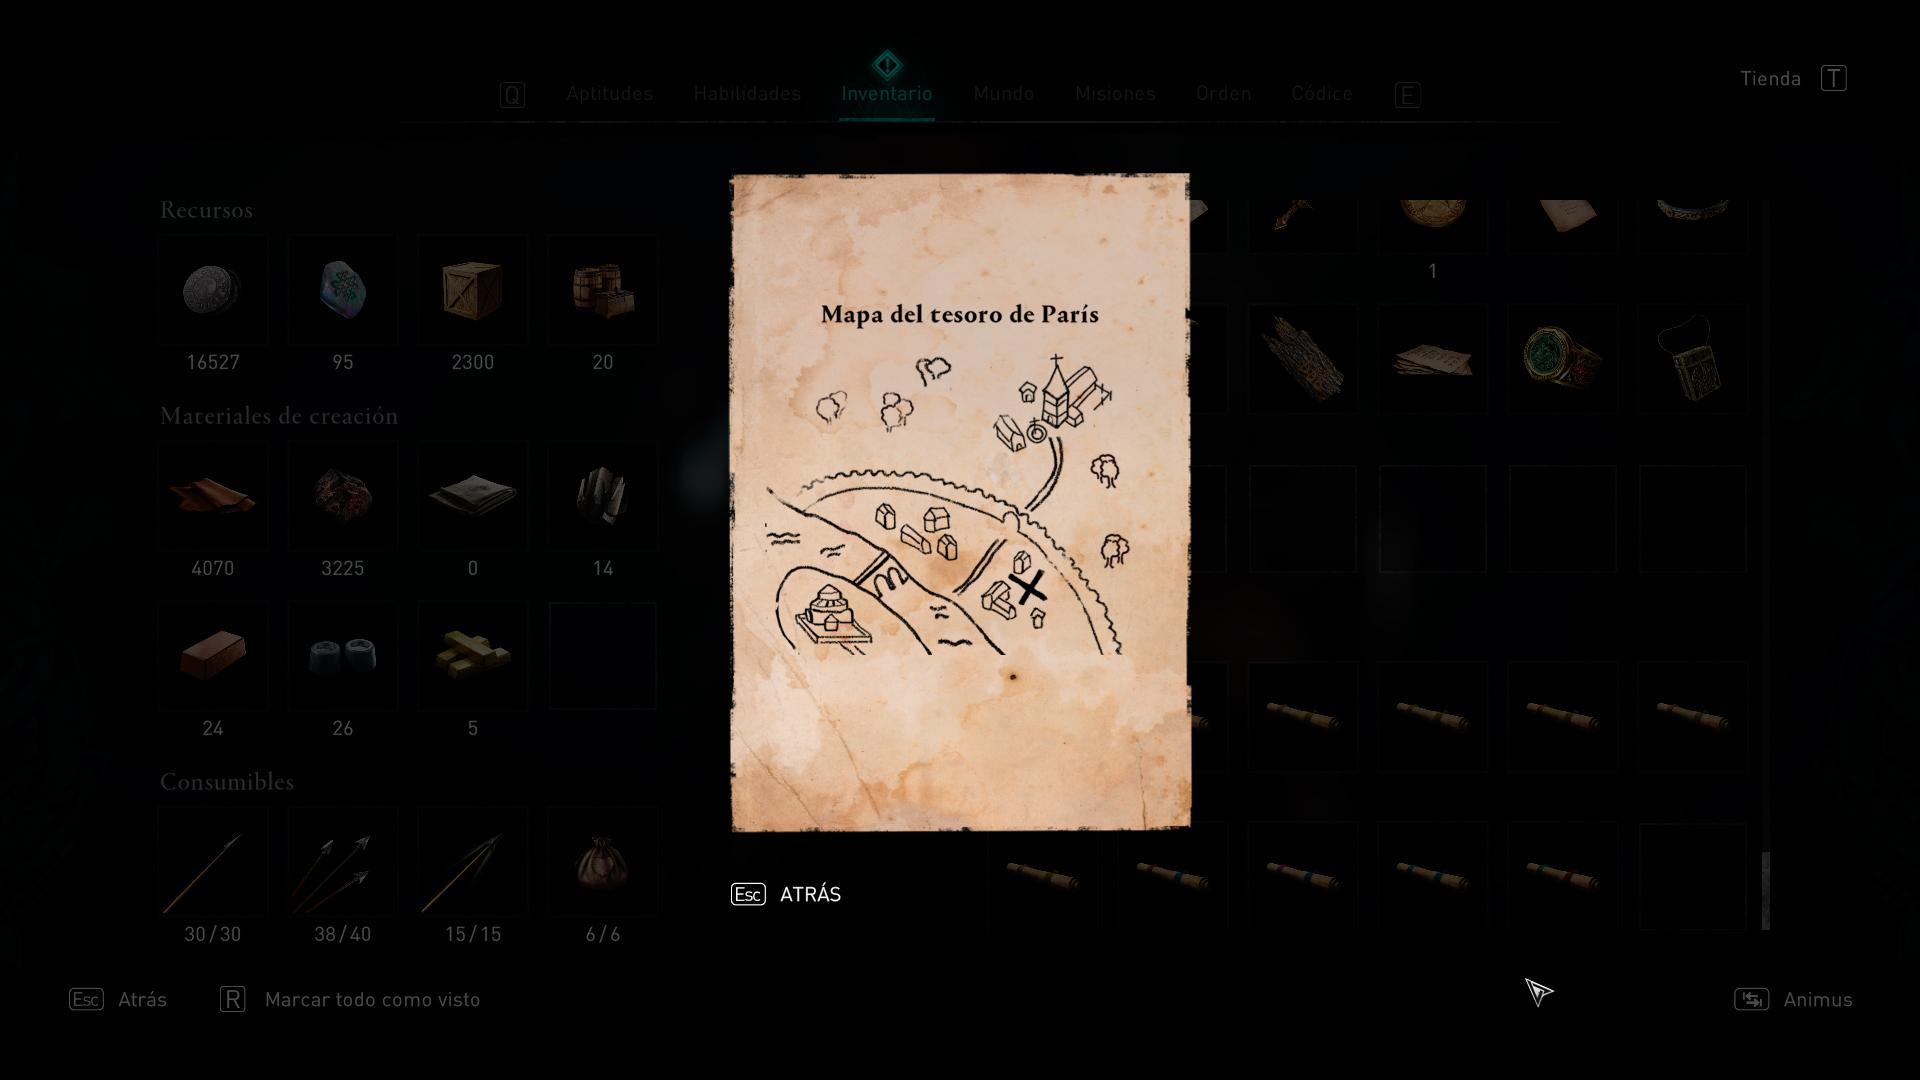 Mapa del tesoro de París en Assassin's Creed Valhalla